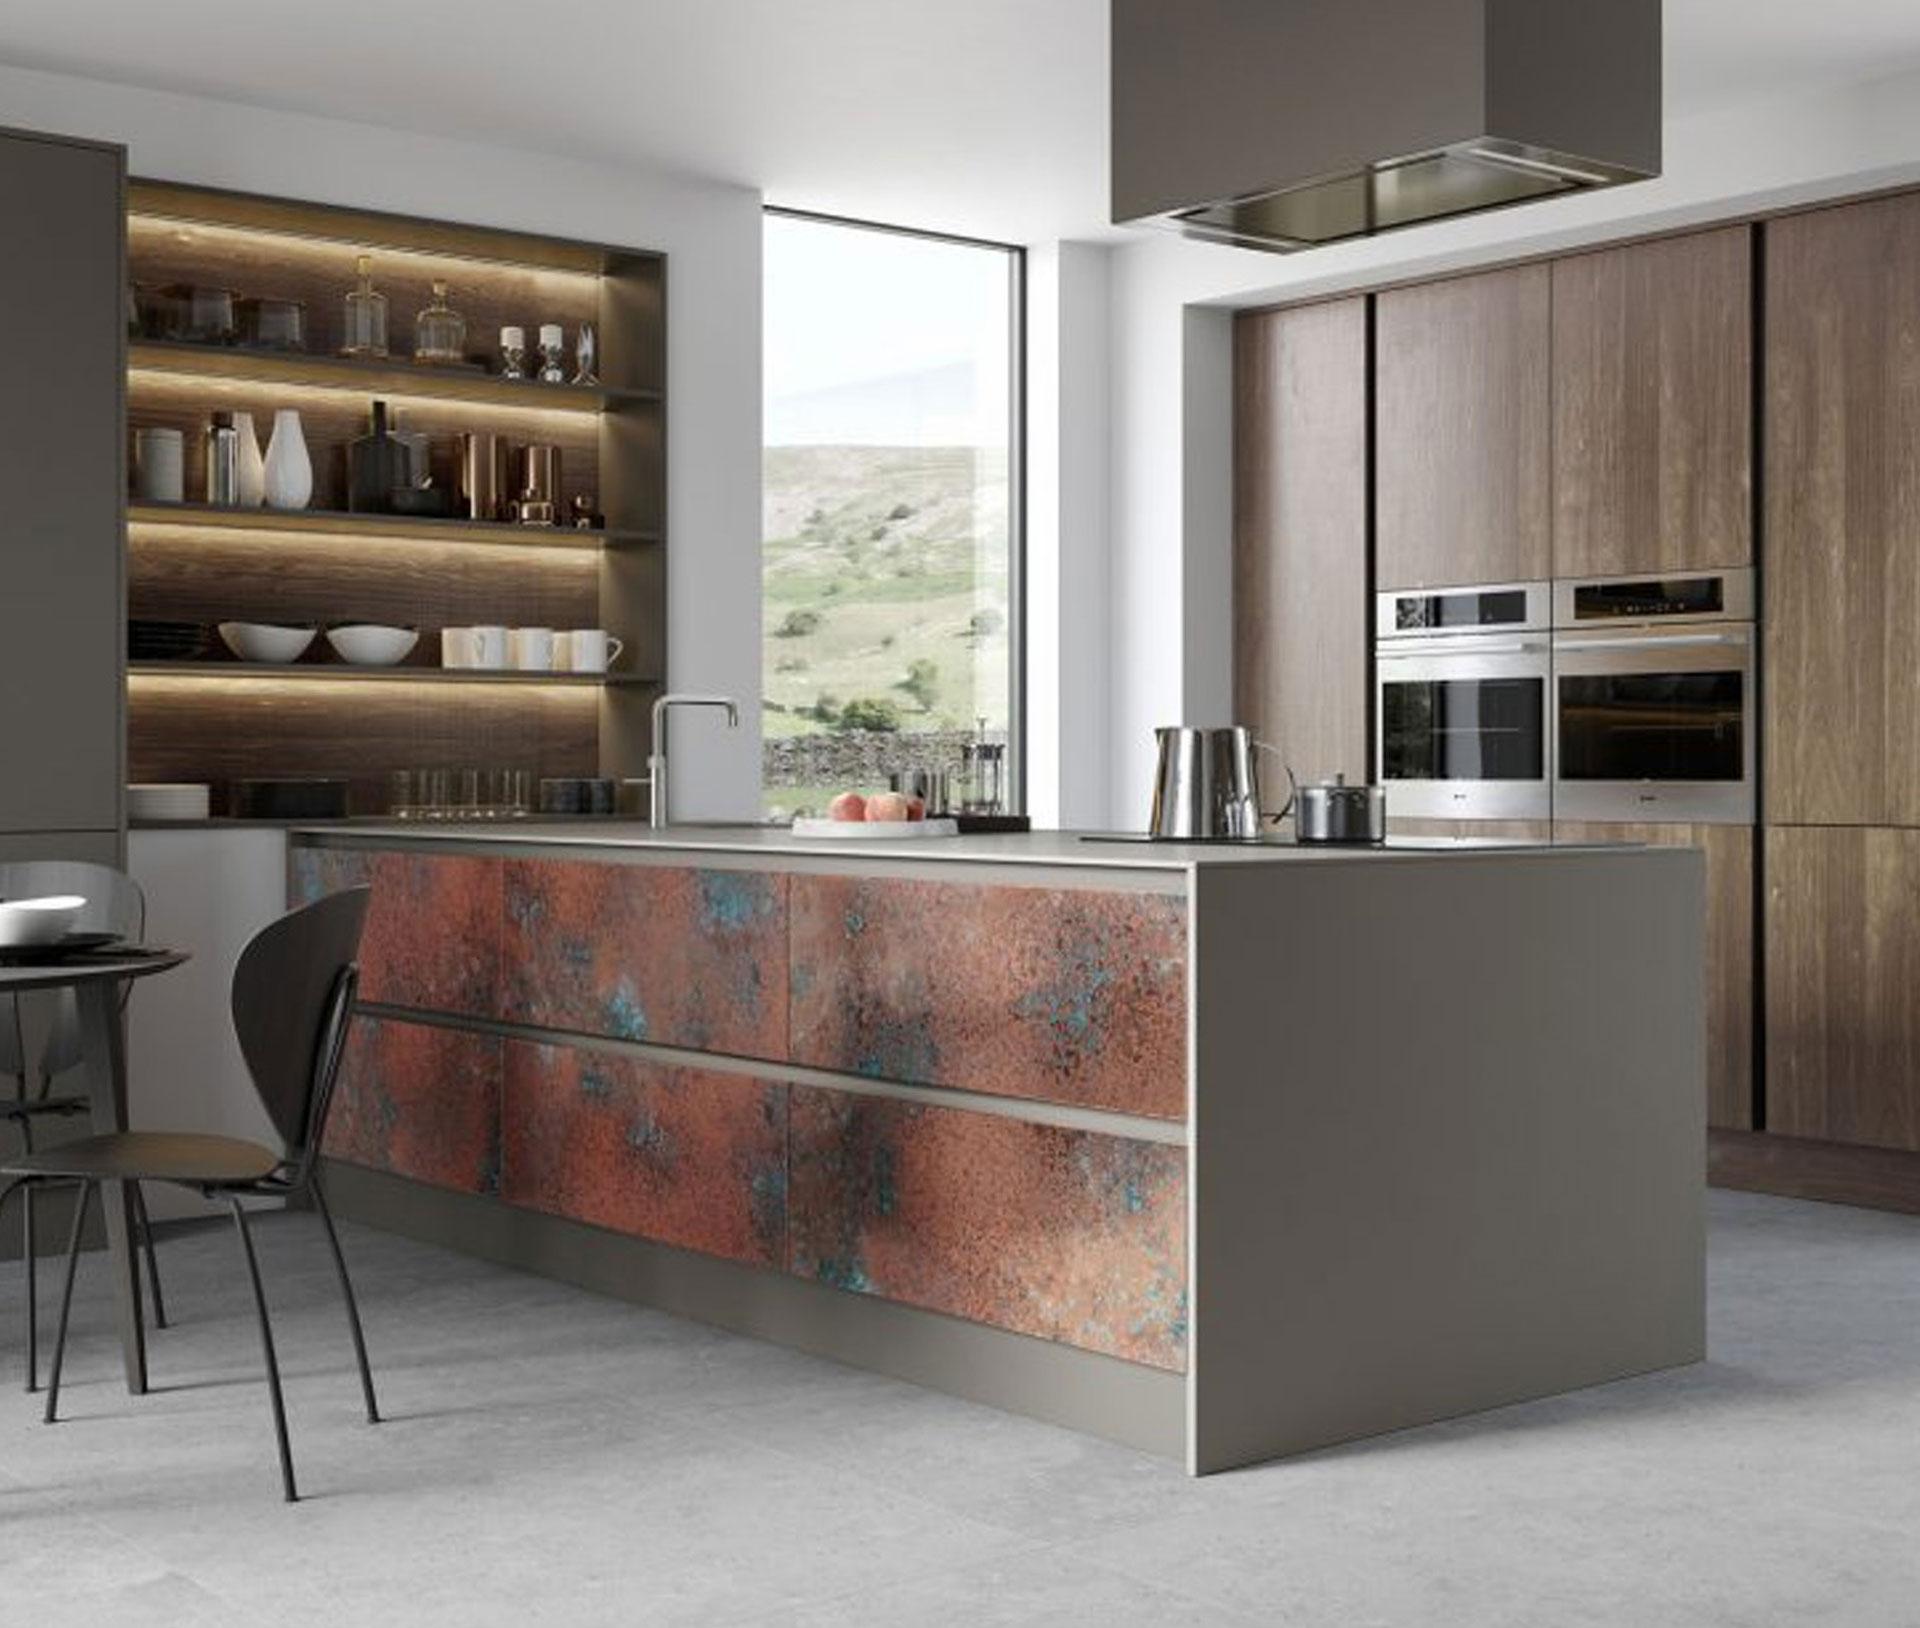 DKB-Patterned-Kitchen